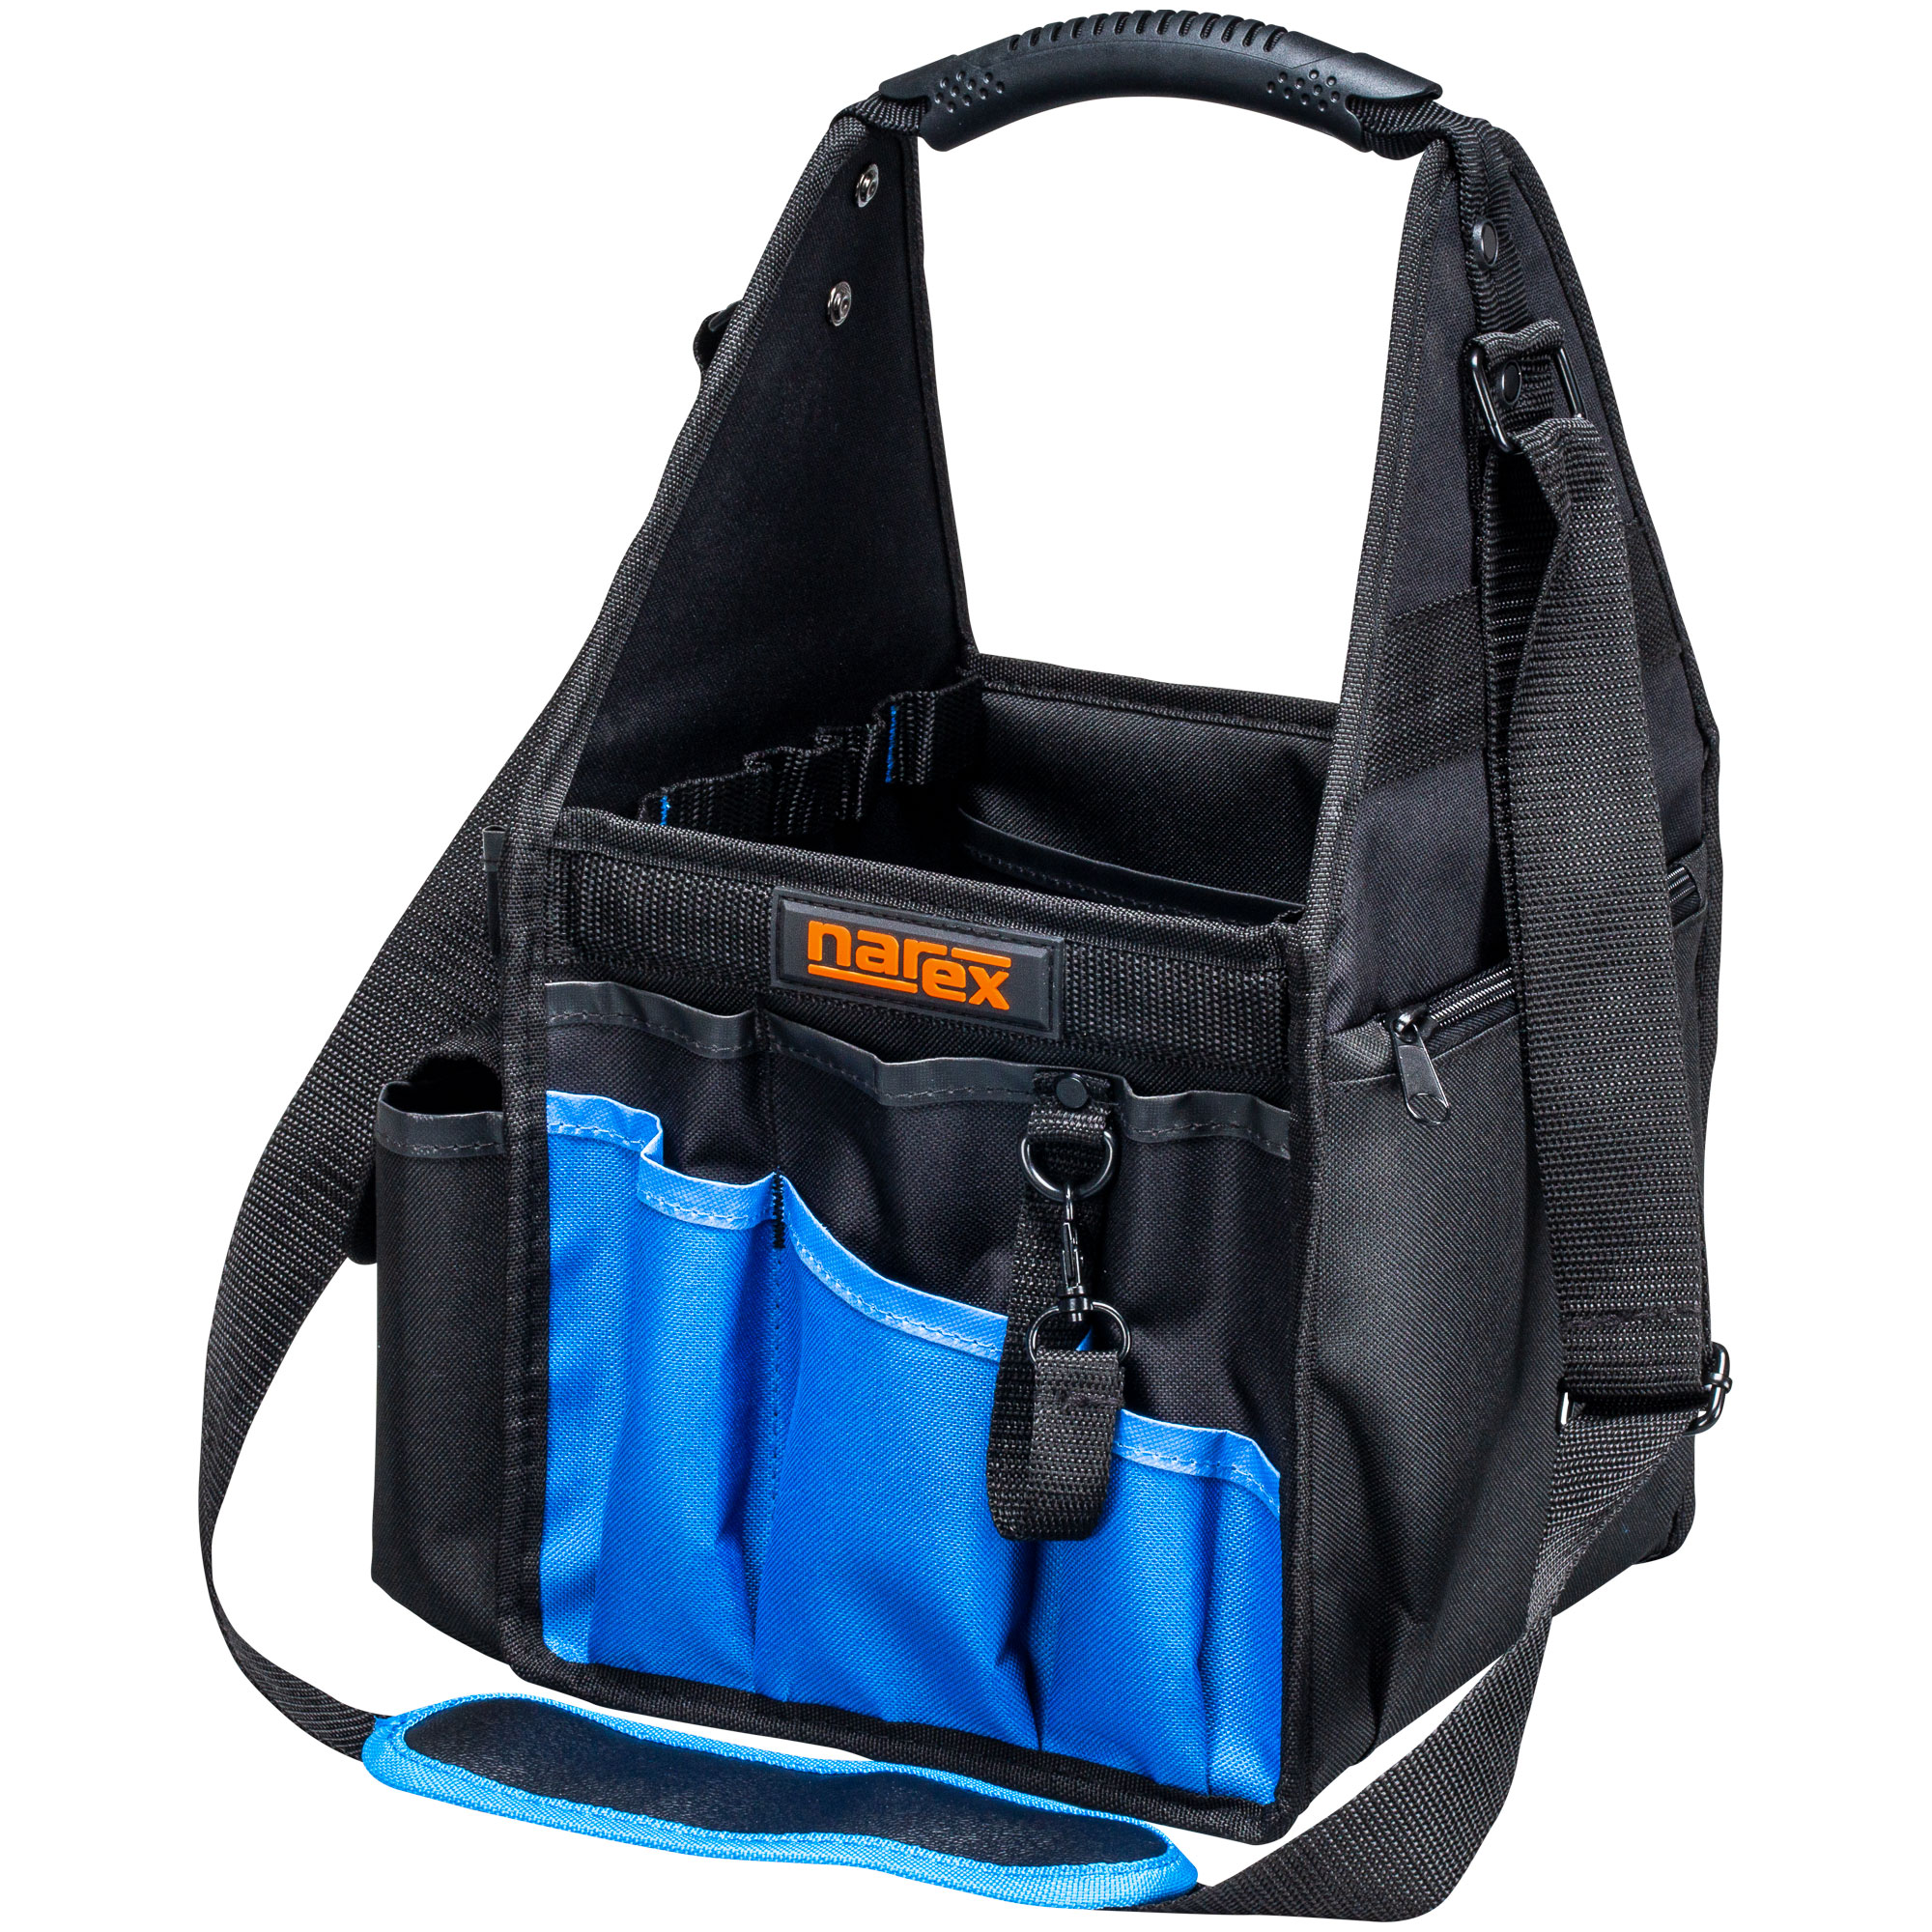 Narex TB15 Handy Prenosná taška na náradie 65405490